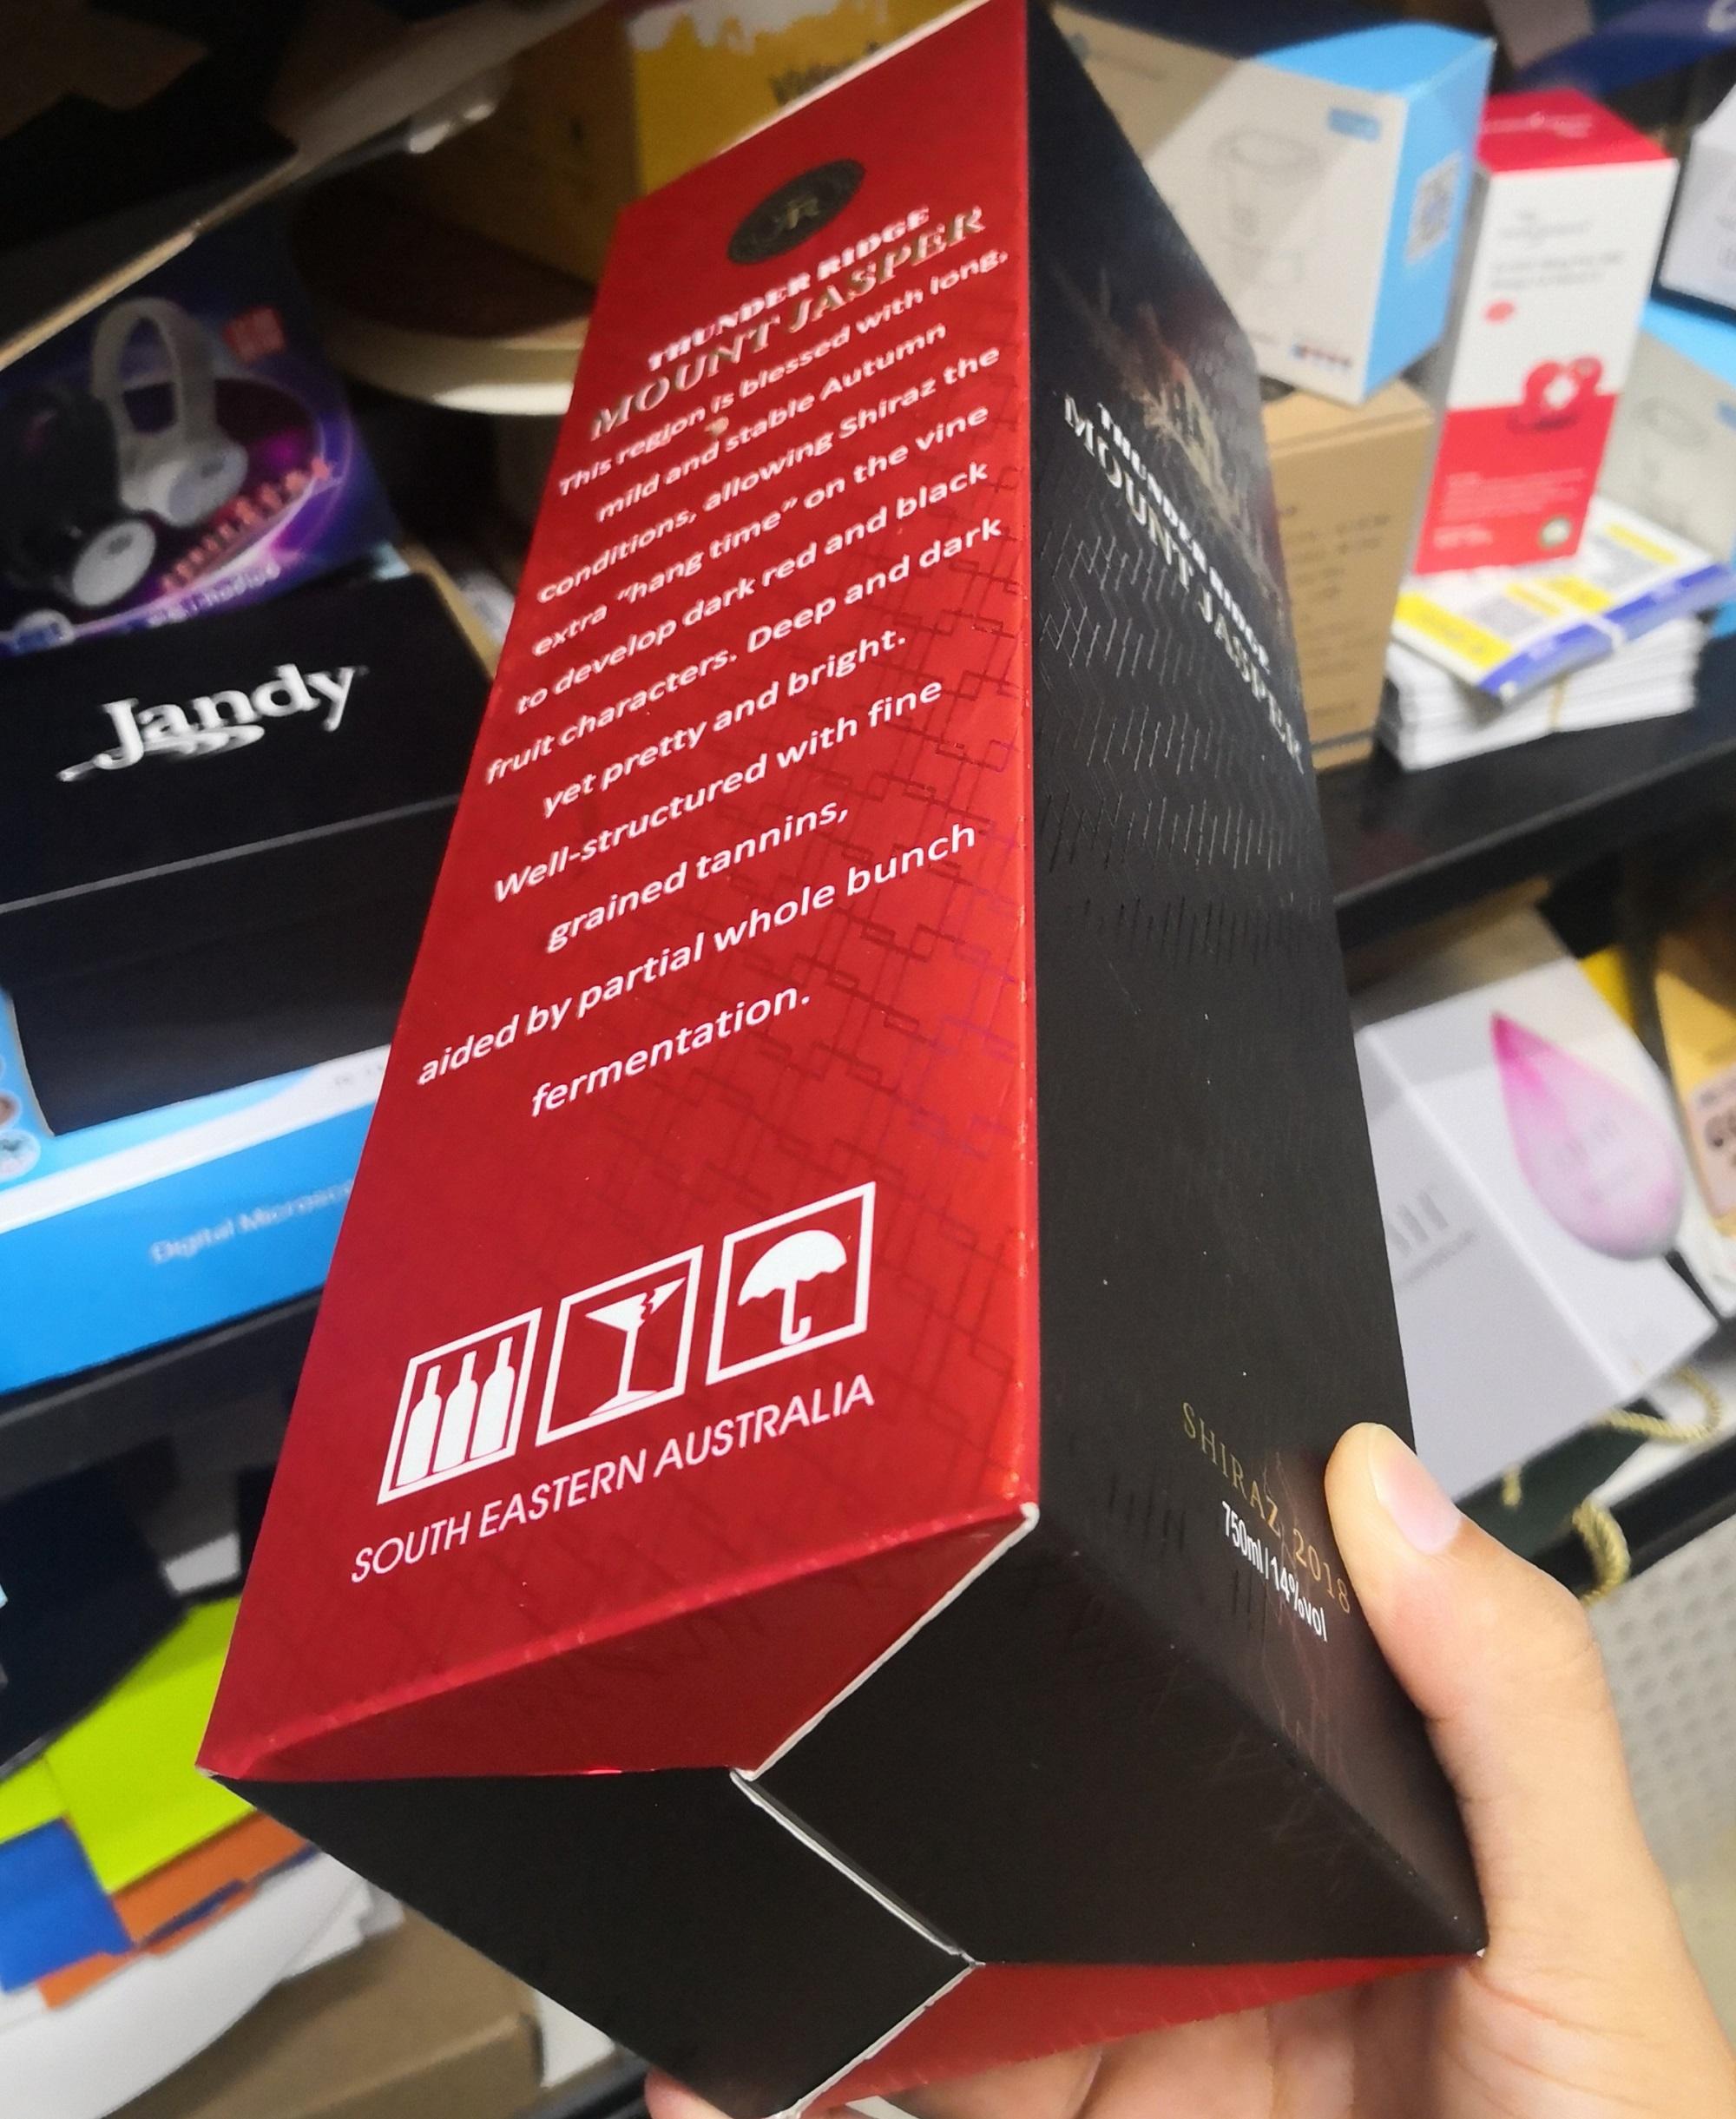 德州纸盒加工厂产品包装盒优质印刷